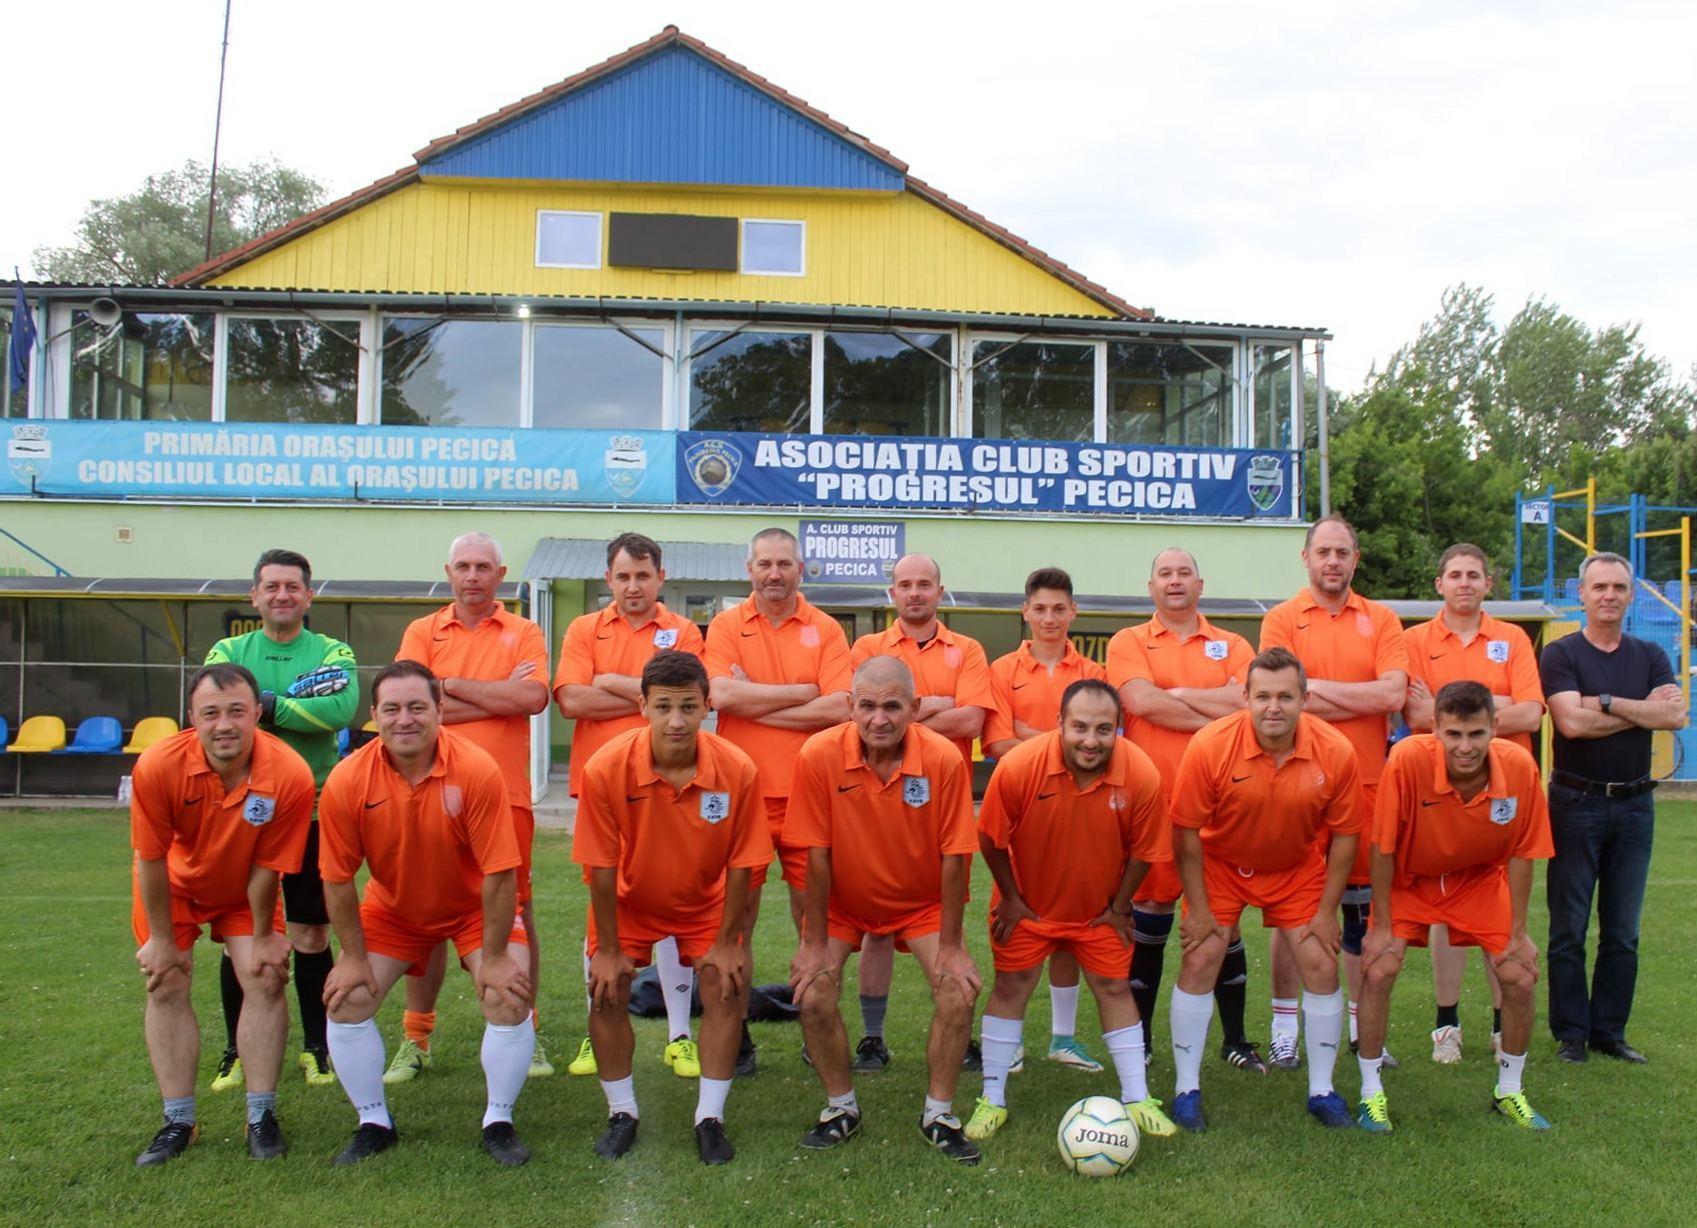 Victorie pentru noua echipă de fotbal amator a oraşului (GALERIE FOTO)